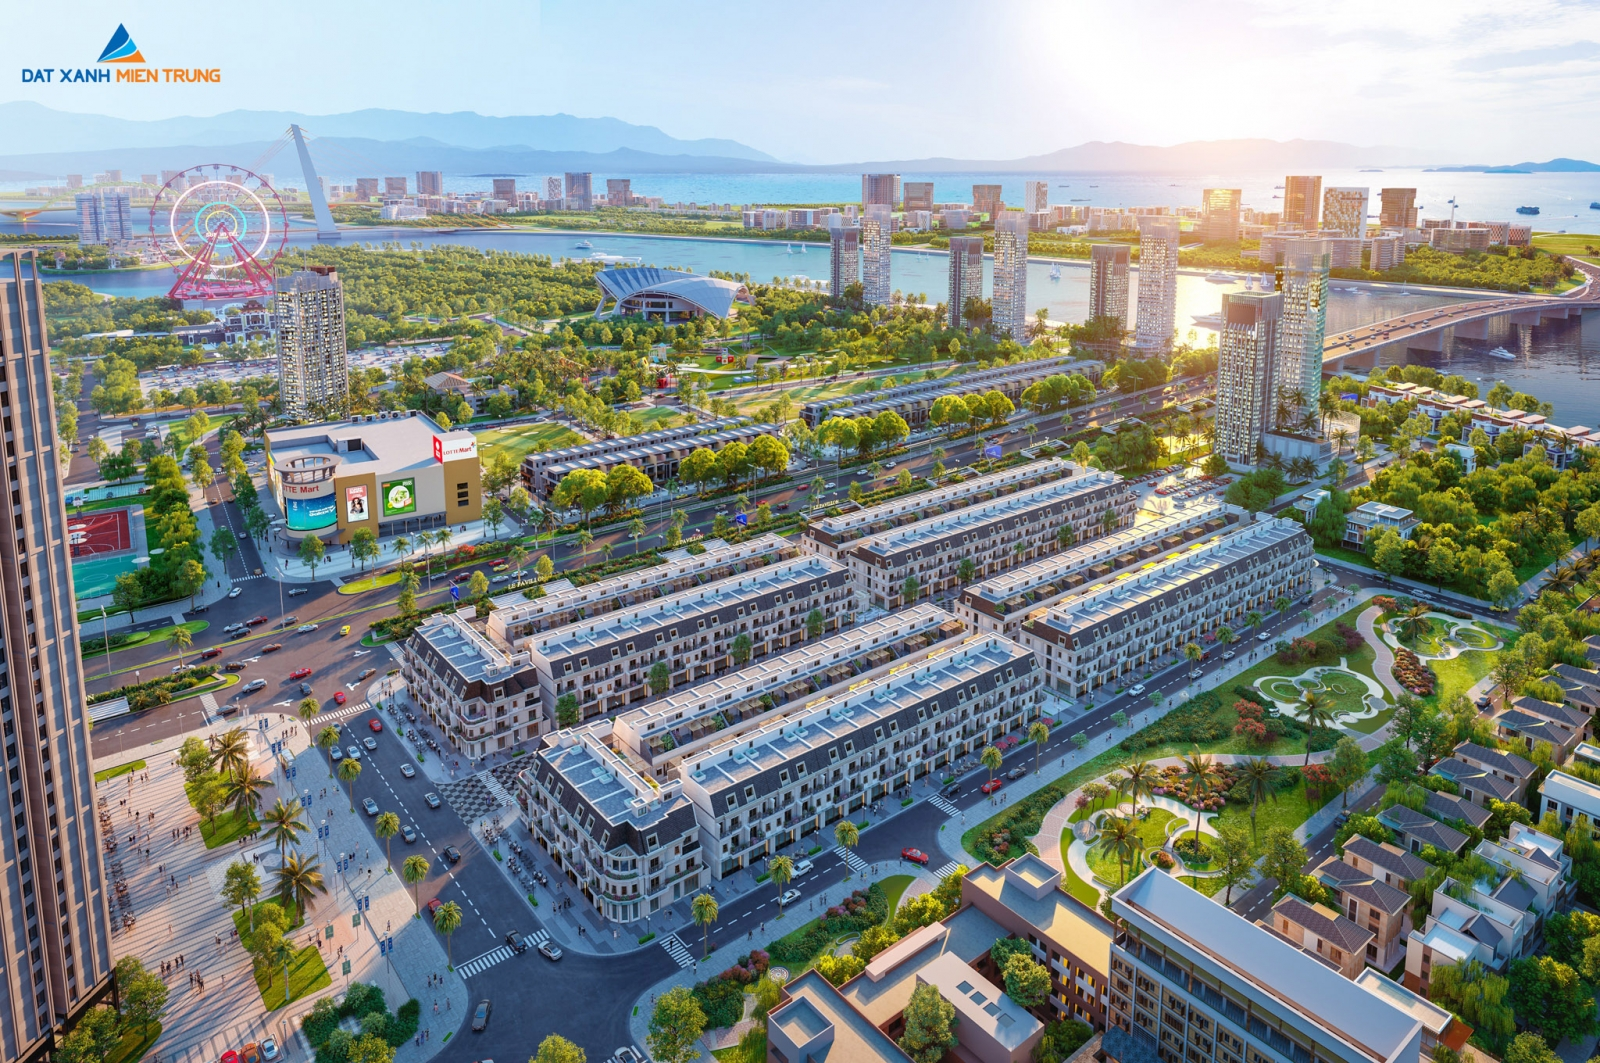 Đất Xanh Miền Trung kỷ niệm 10 năm thành lập: Thập kỷ trở thành nhà phát triển bất động sản hạng sang hàng đầu